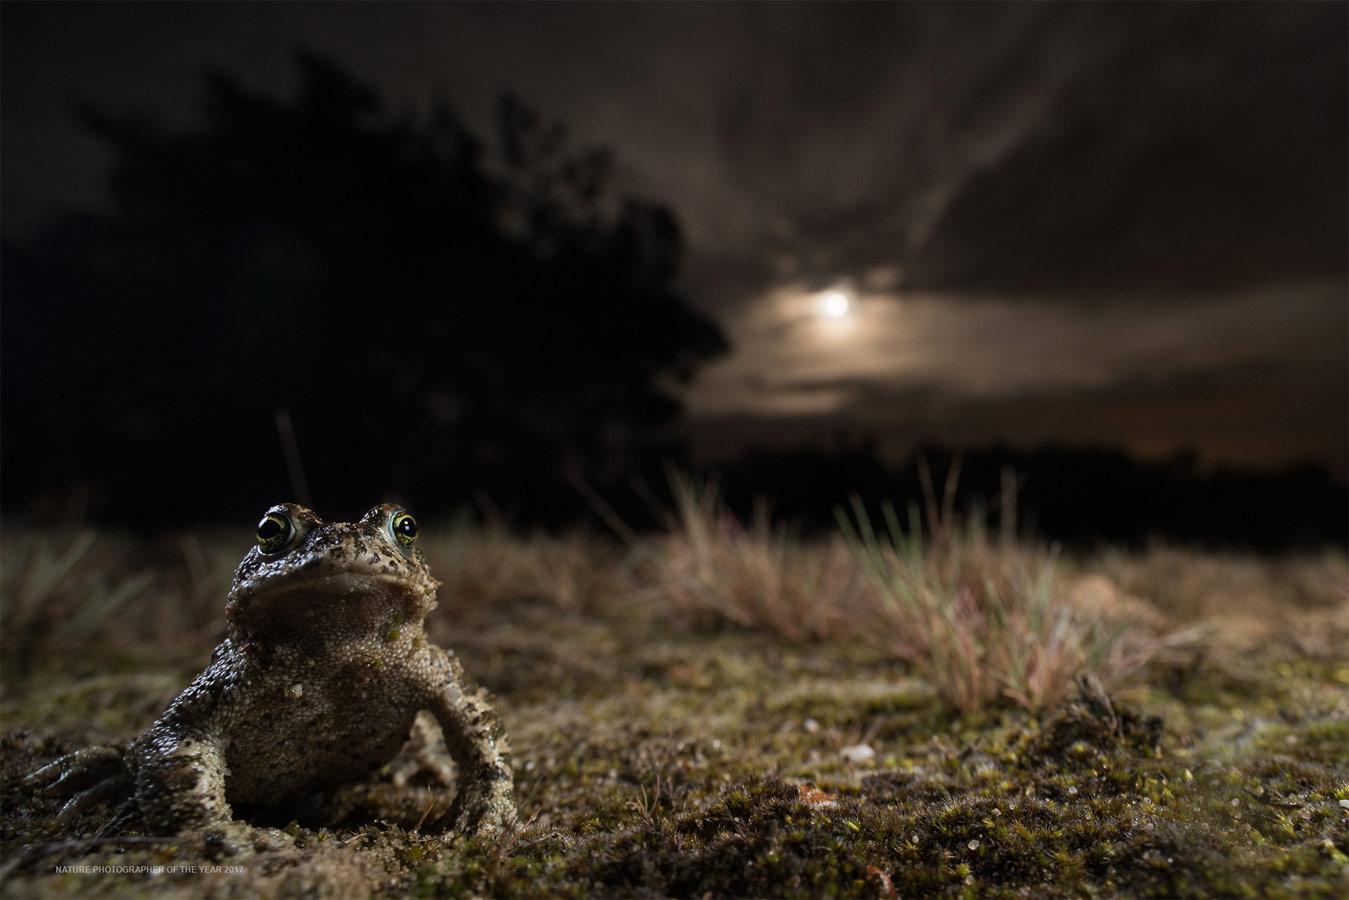 Под луной, © Пауль ван Хооф, Победитель категории «Другие животные», Фотоконкурс «Природный фотограф года»